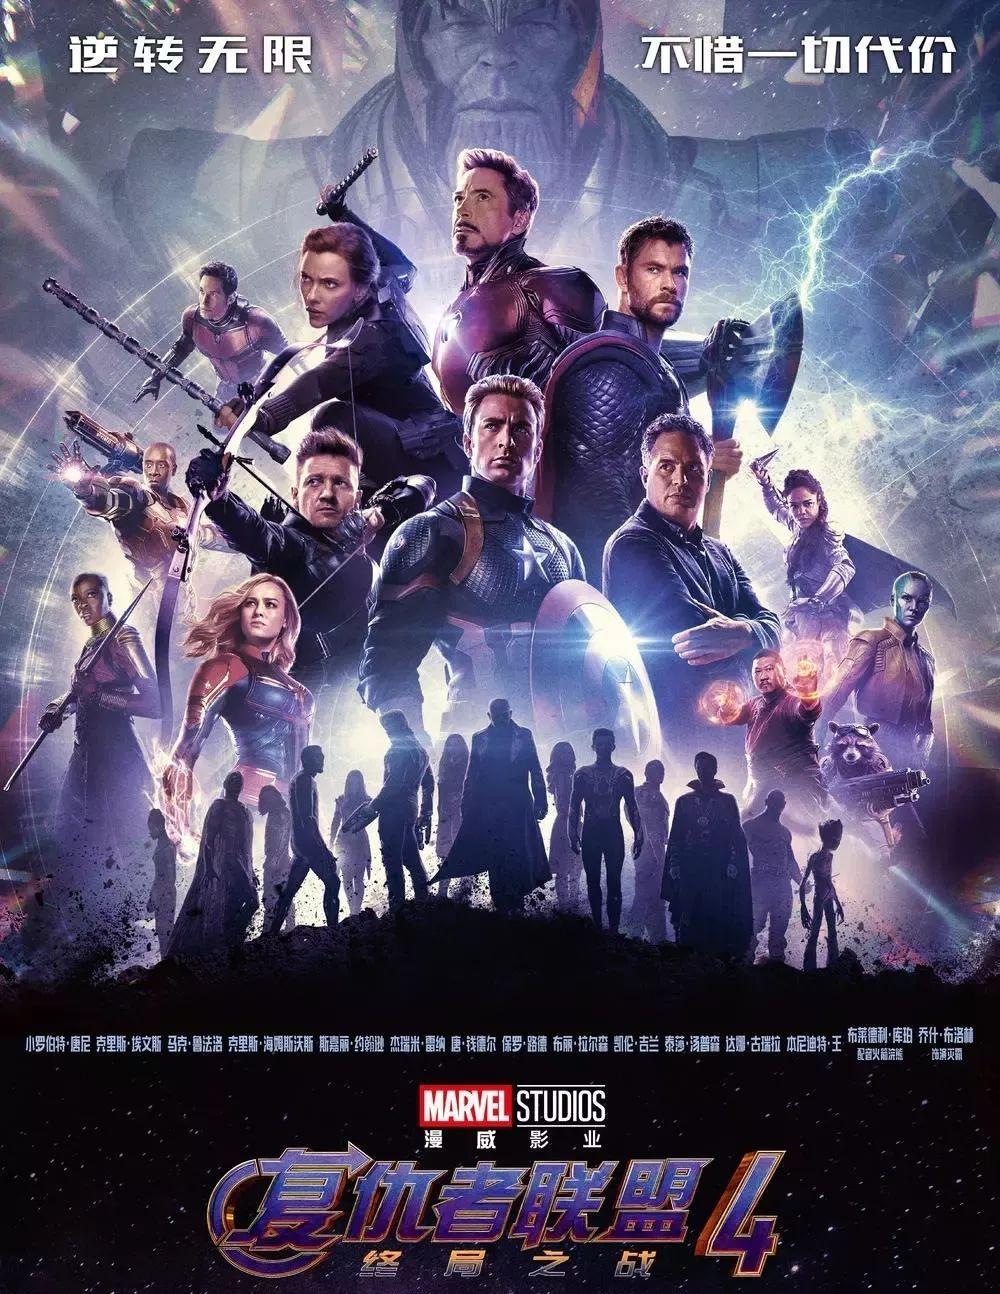 雅图影院明日排行电影_美国科幻电影 明日边缘 电影海报欣赏